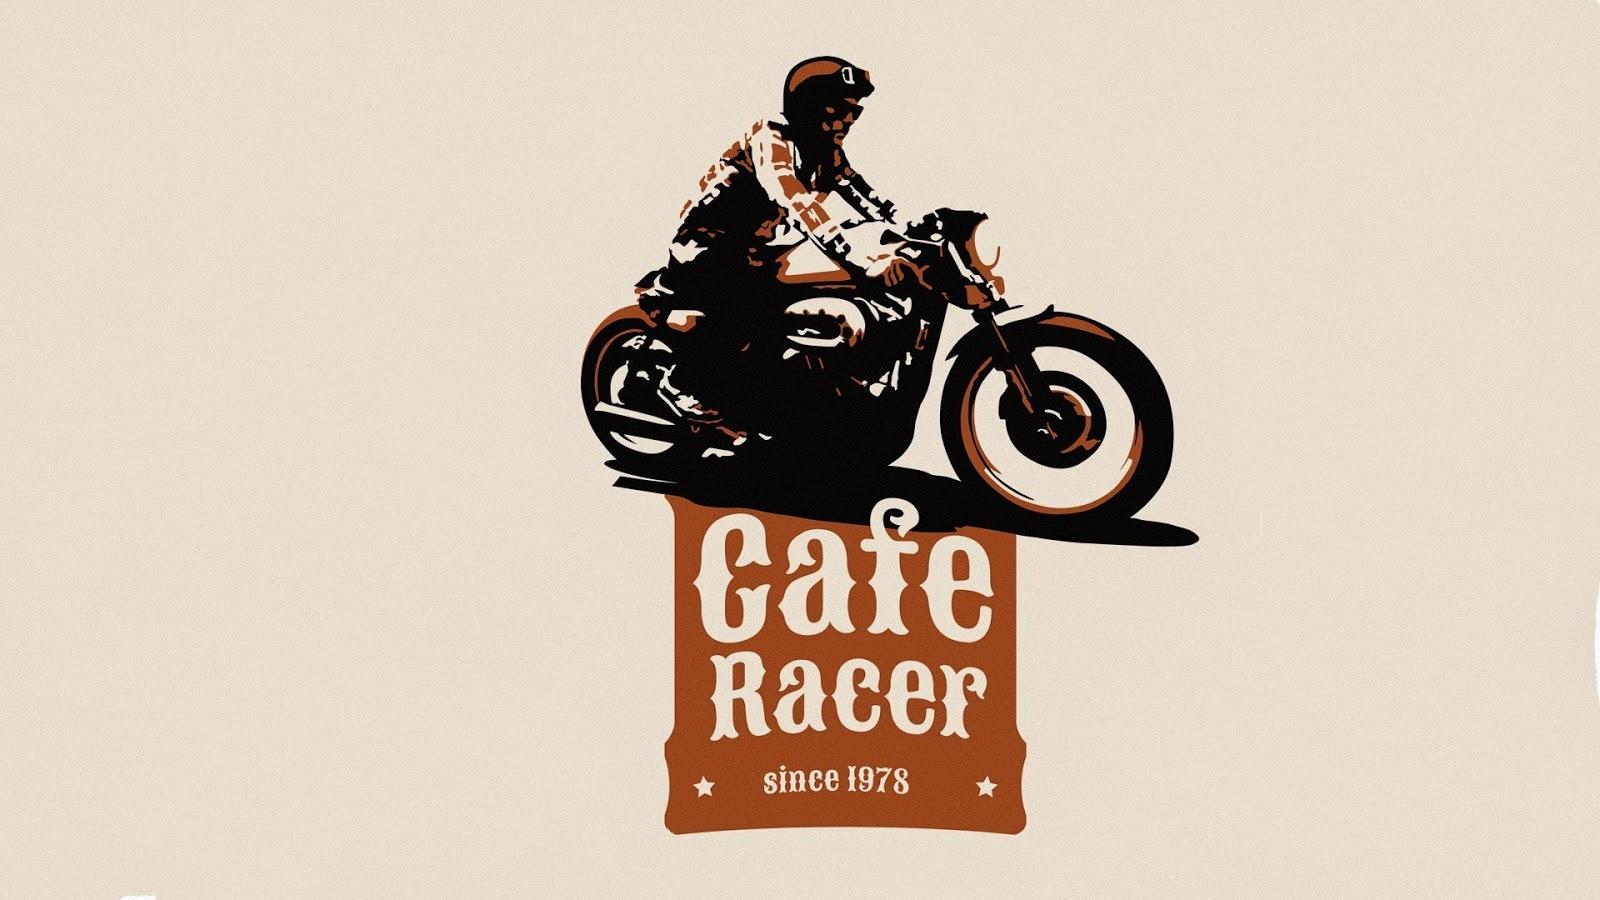 cafe racer hd wallpaper wallpapersafari